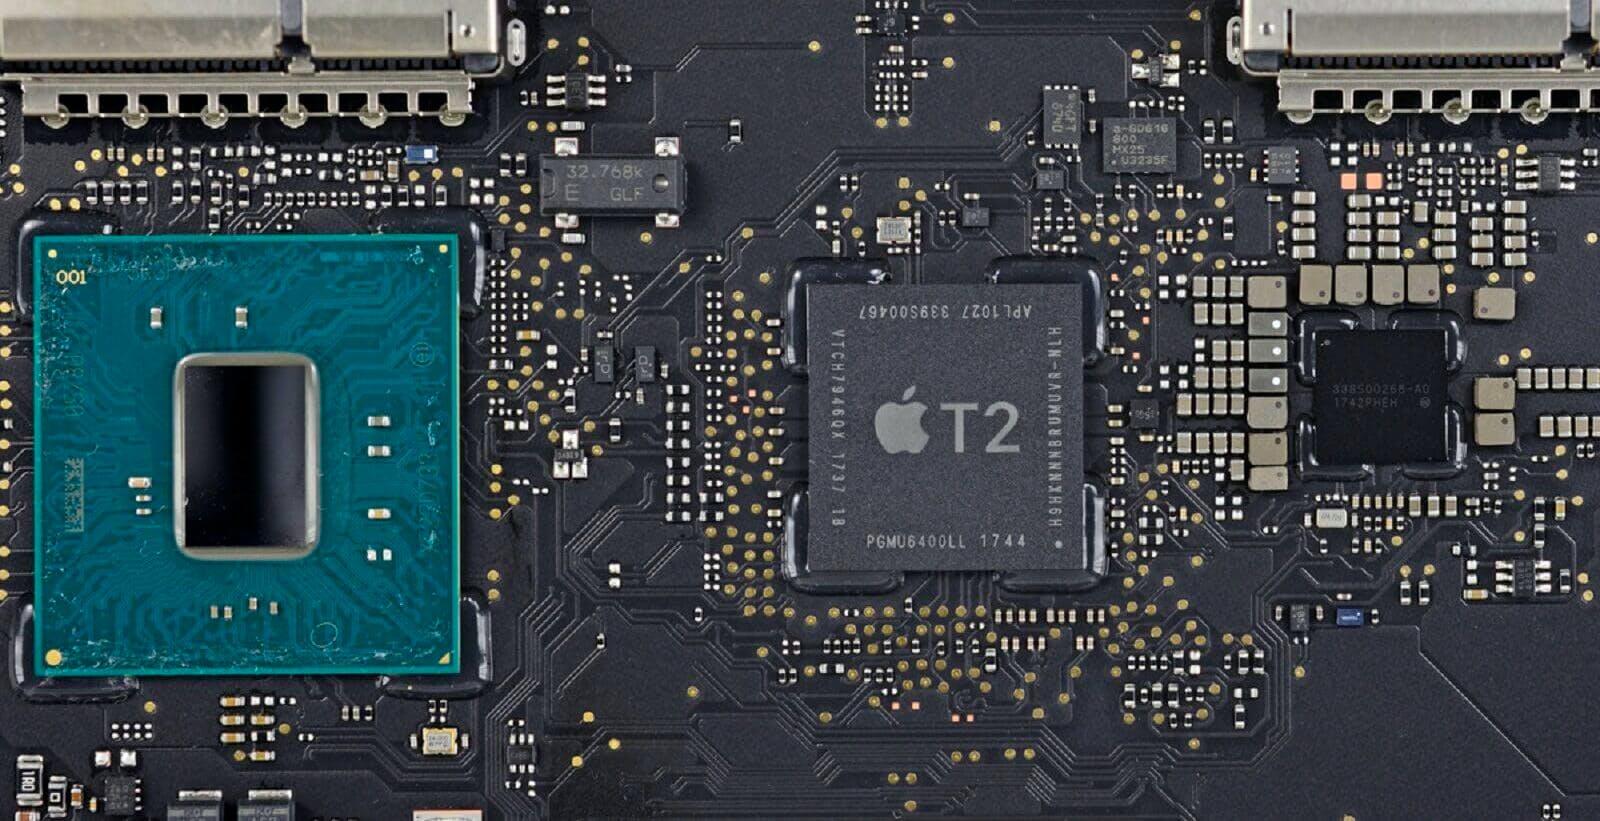 Il chip T2 Apple non è sicuro come si pensa. Scoperta una falla grave, per fortuna difficile da sfruttare